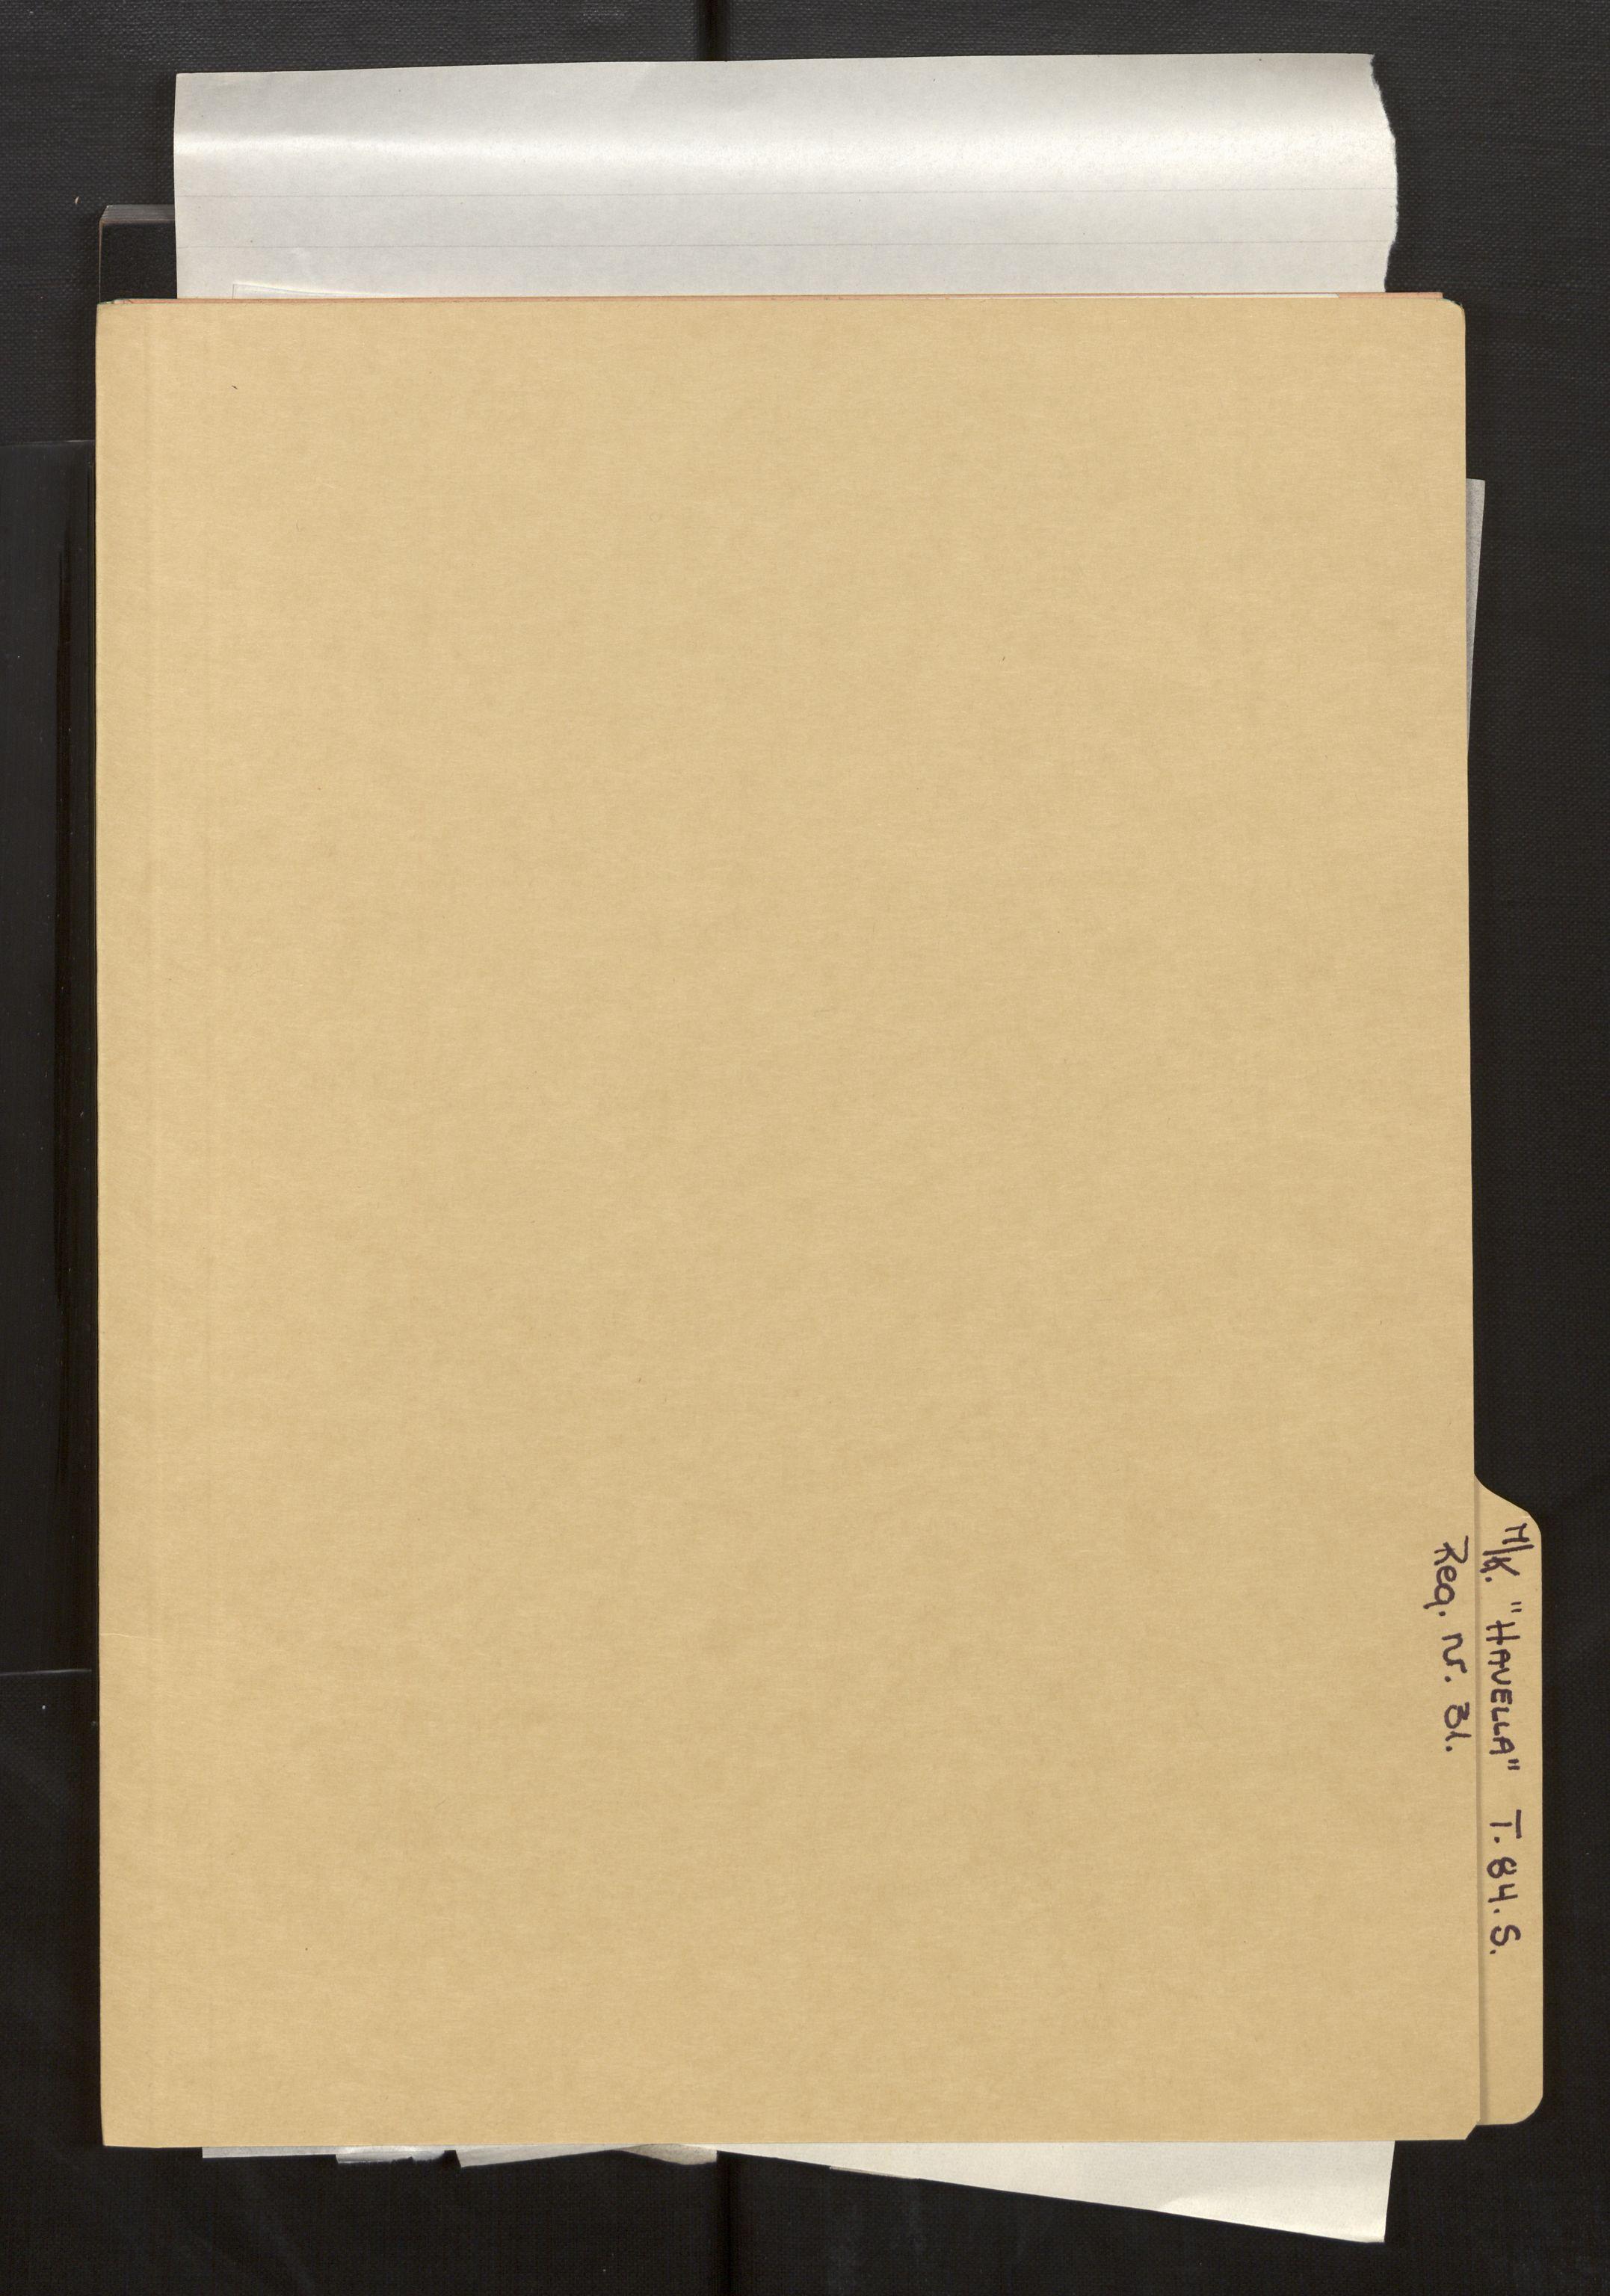 SAB, Fiskeridirektoratet - 1 Adm. ledelse - 13 Båtkontoret, La/L0042: Statens krigsforsikring for fiskeflåten, 1936-1971, s. 383